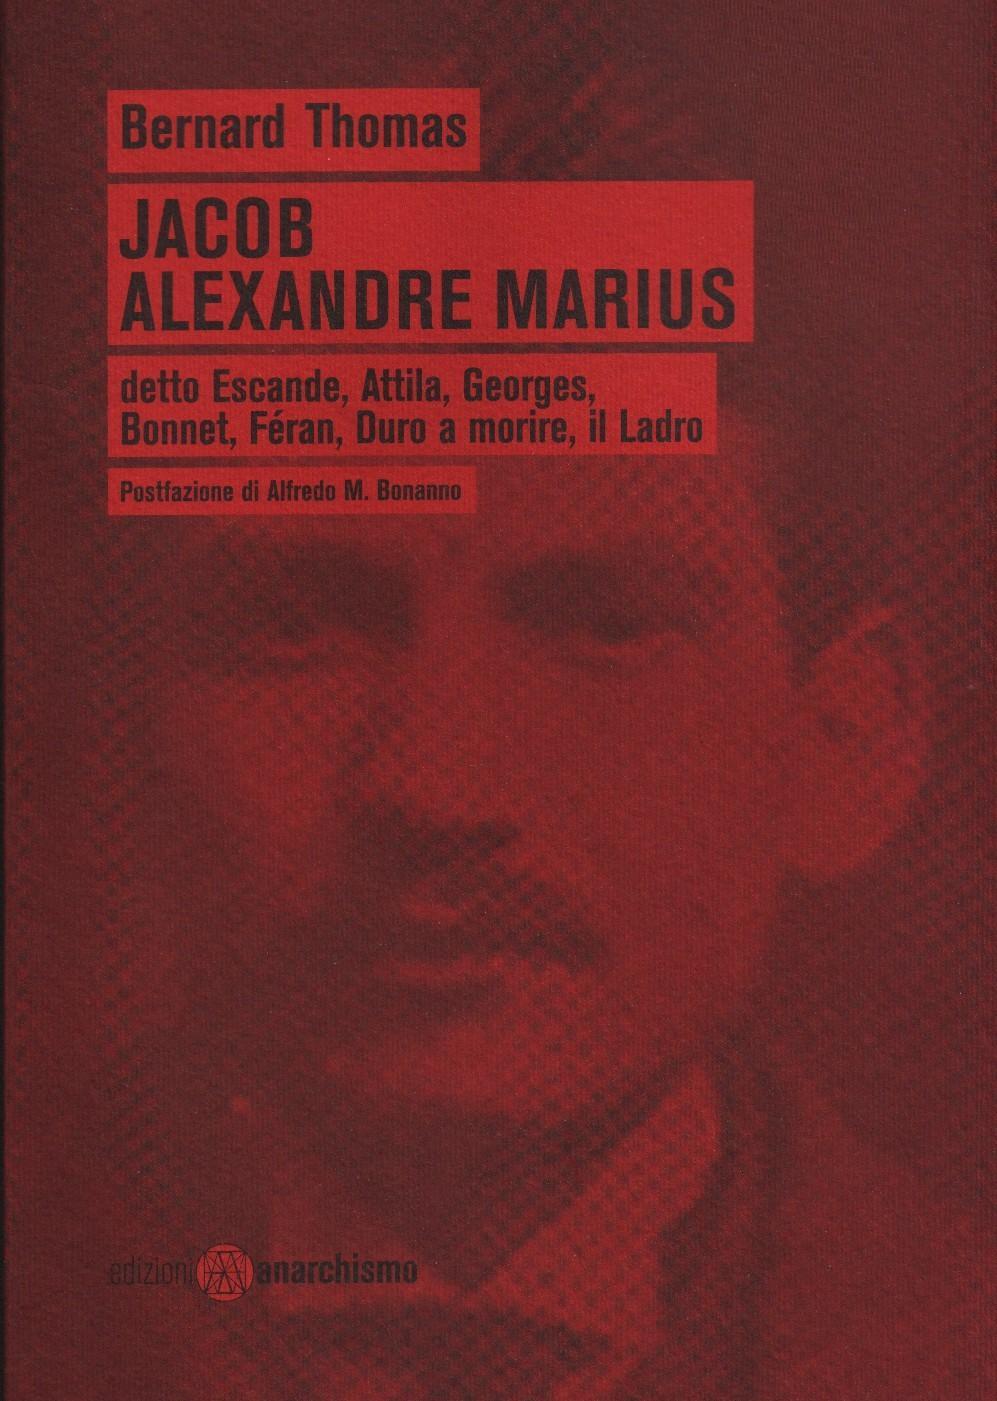 Jacob Alexandre Marius  66177c9b34fb